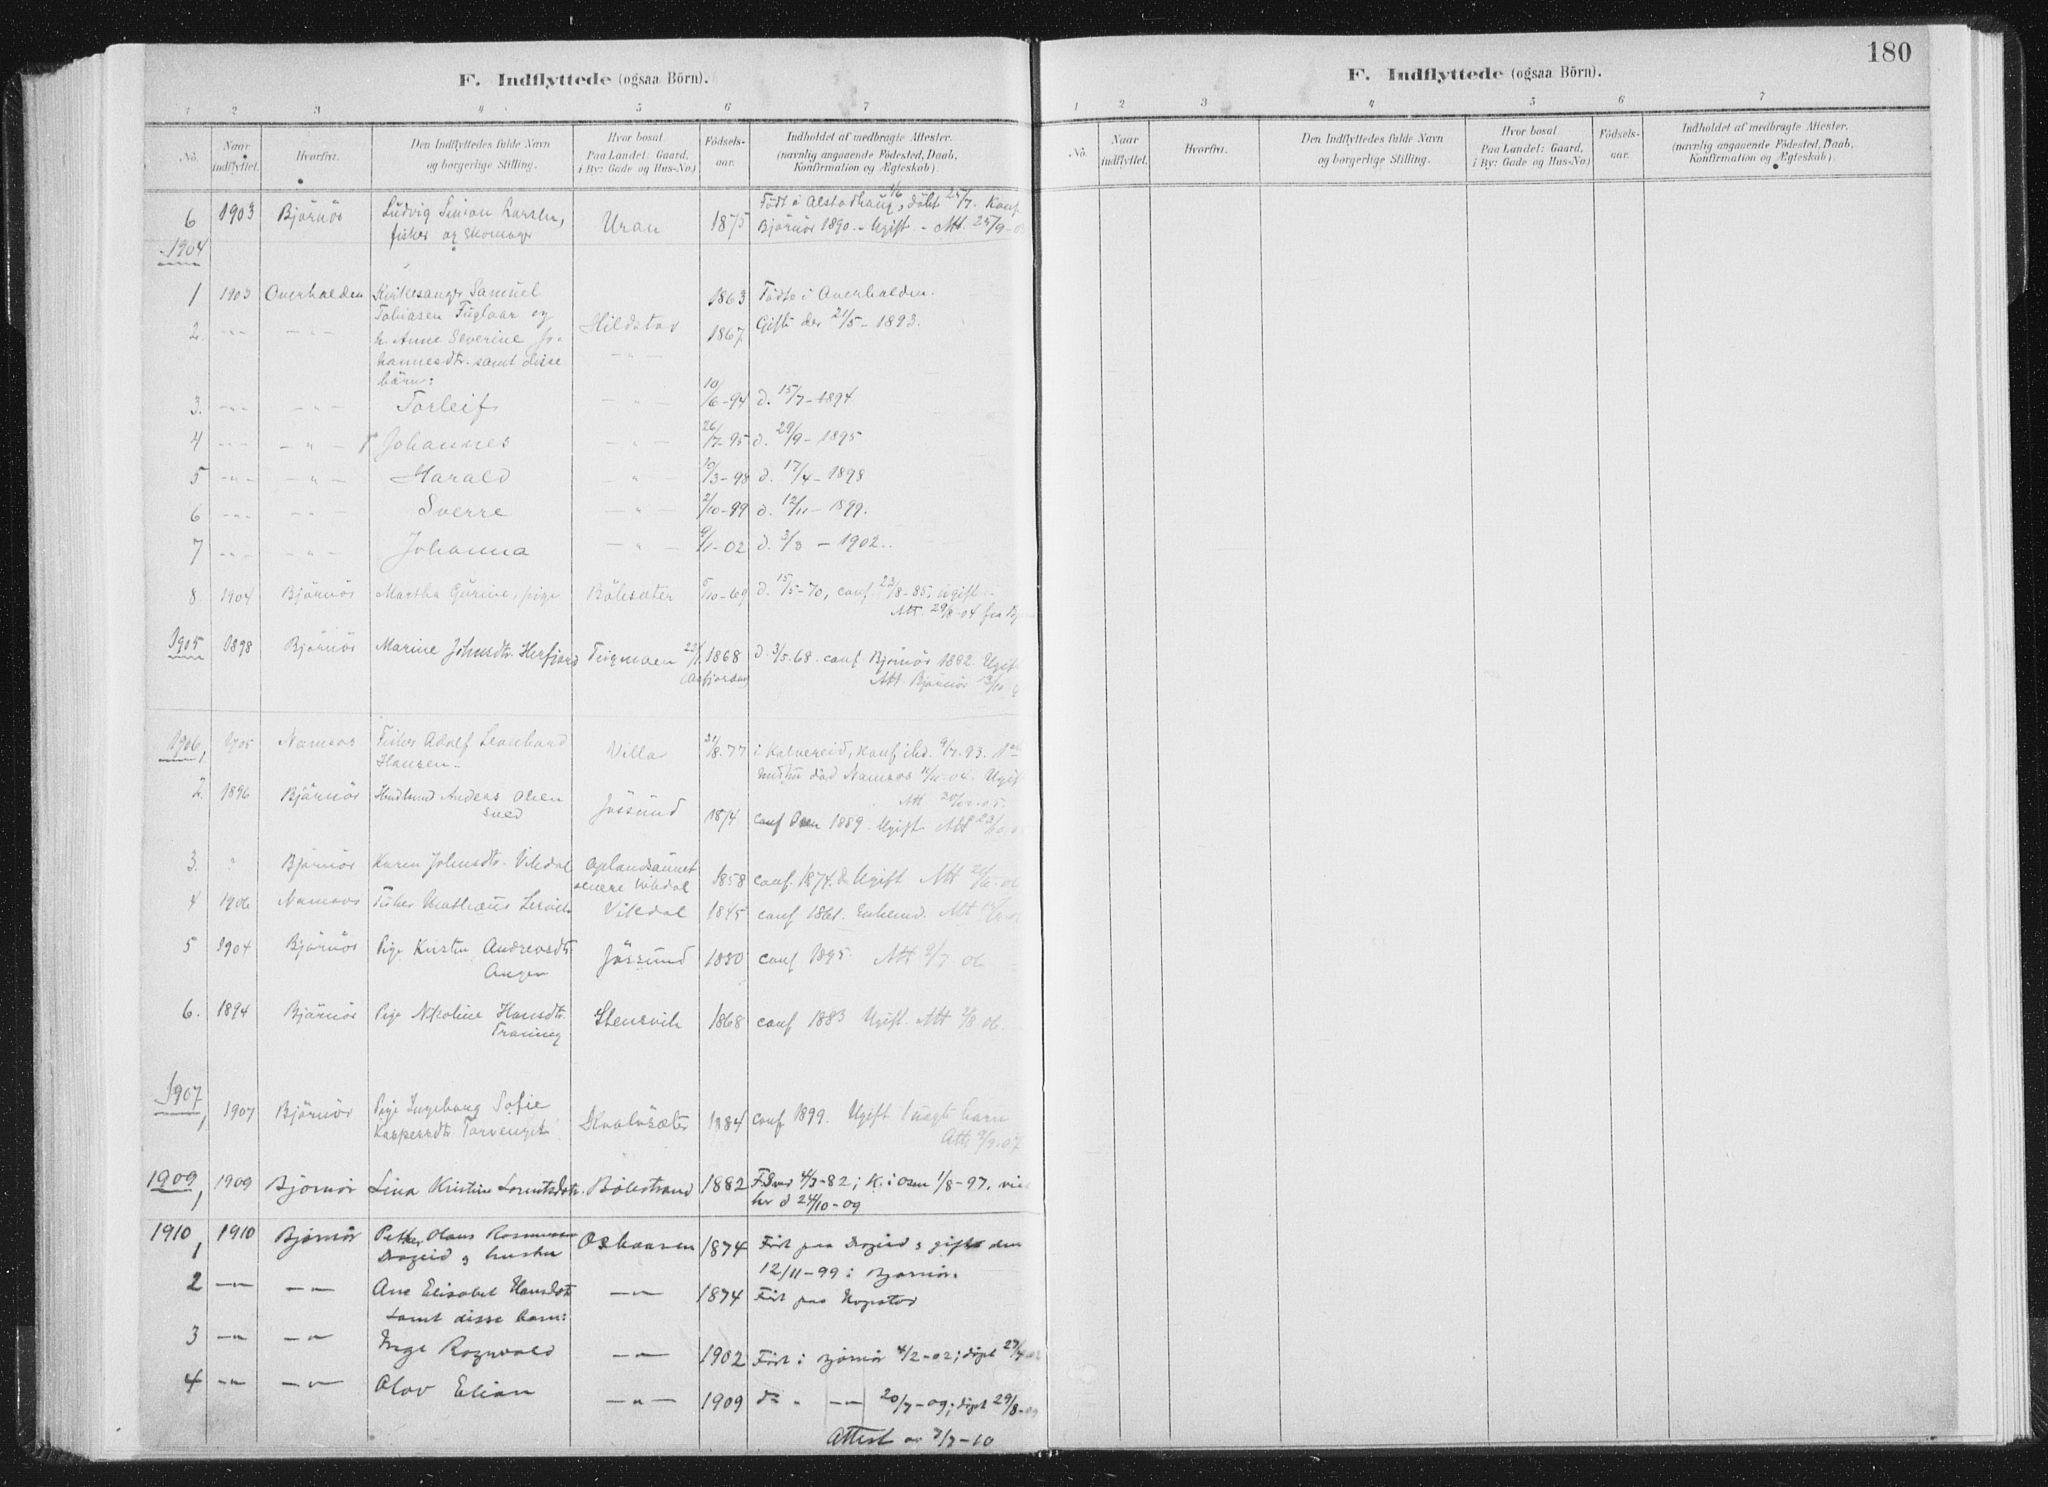 SAT, Ministerialprotokoller, klokkerbøker og fødselsregistre - Nord-Trøndelag, 771/L0597: Ministerialbok nr. 771A04, 1885-1910, s. 180